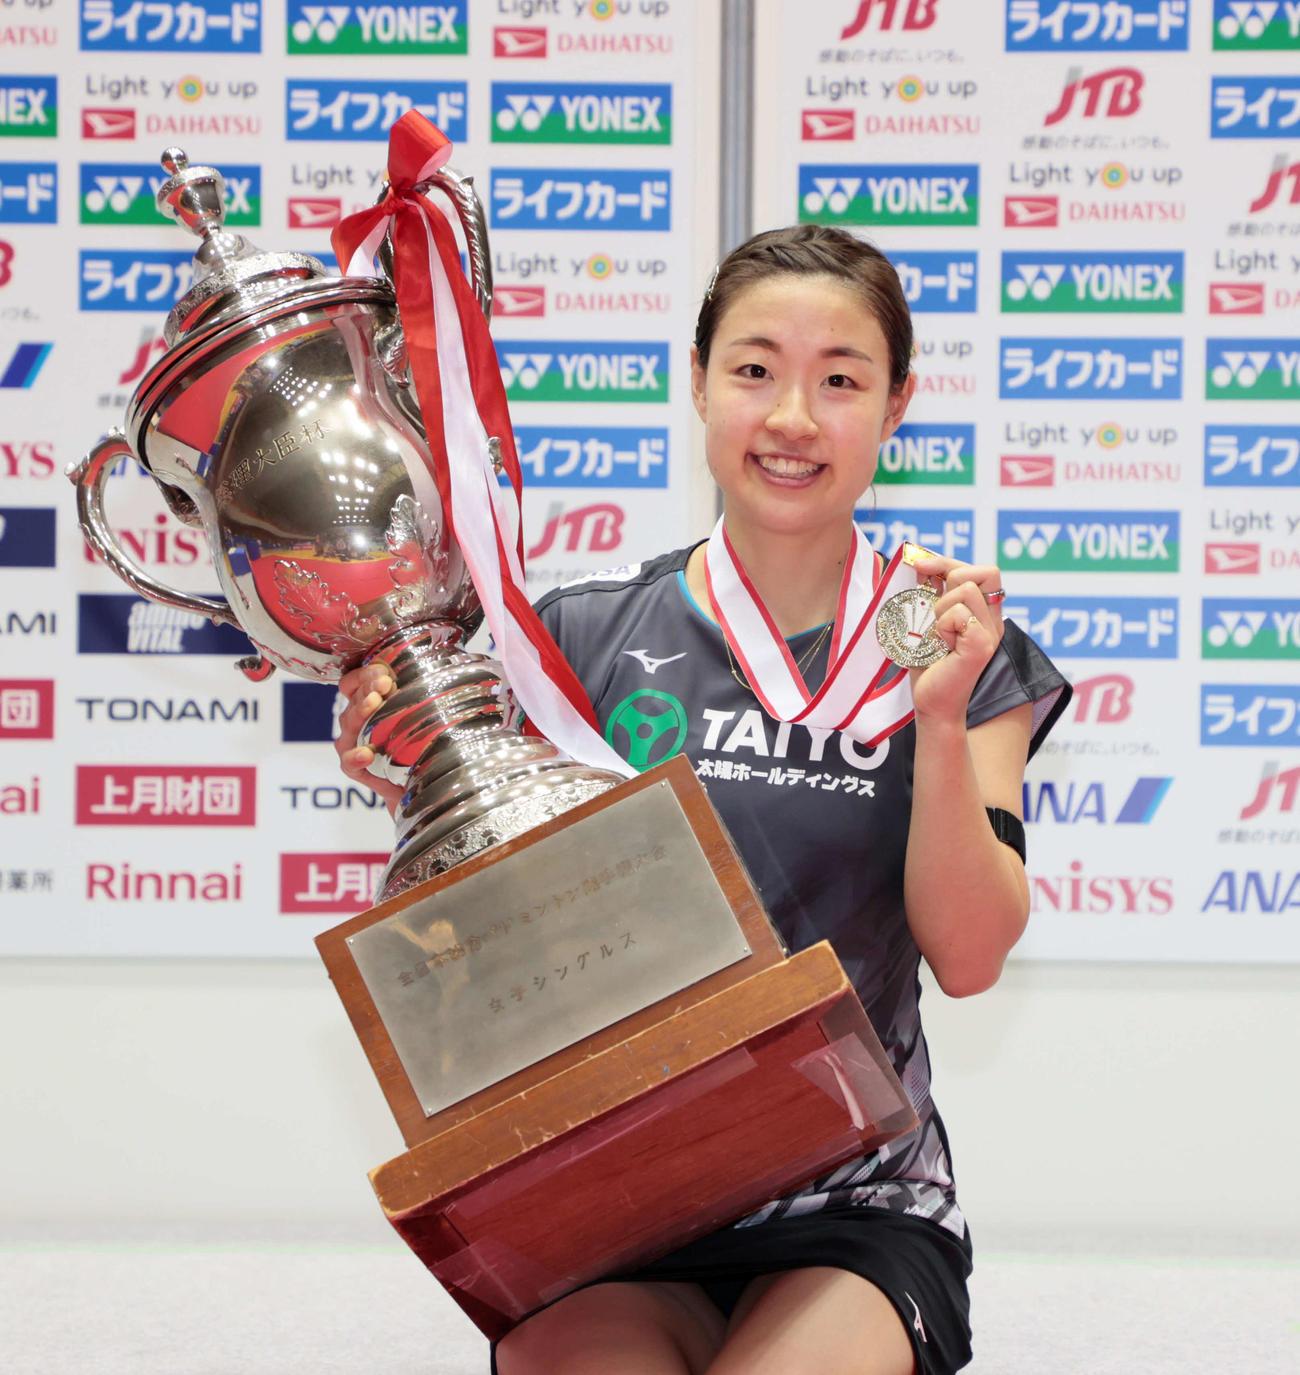 女子シングルスで優勝し、笑顔を見せる奥原(代表撮影)